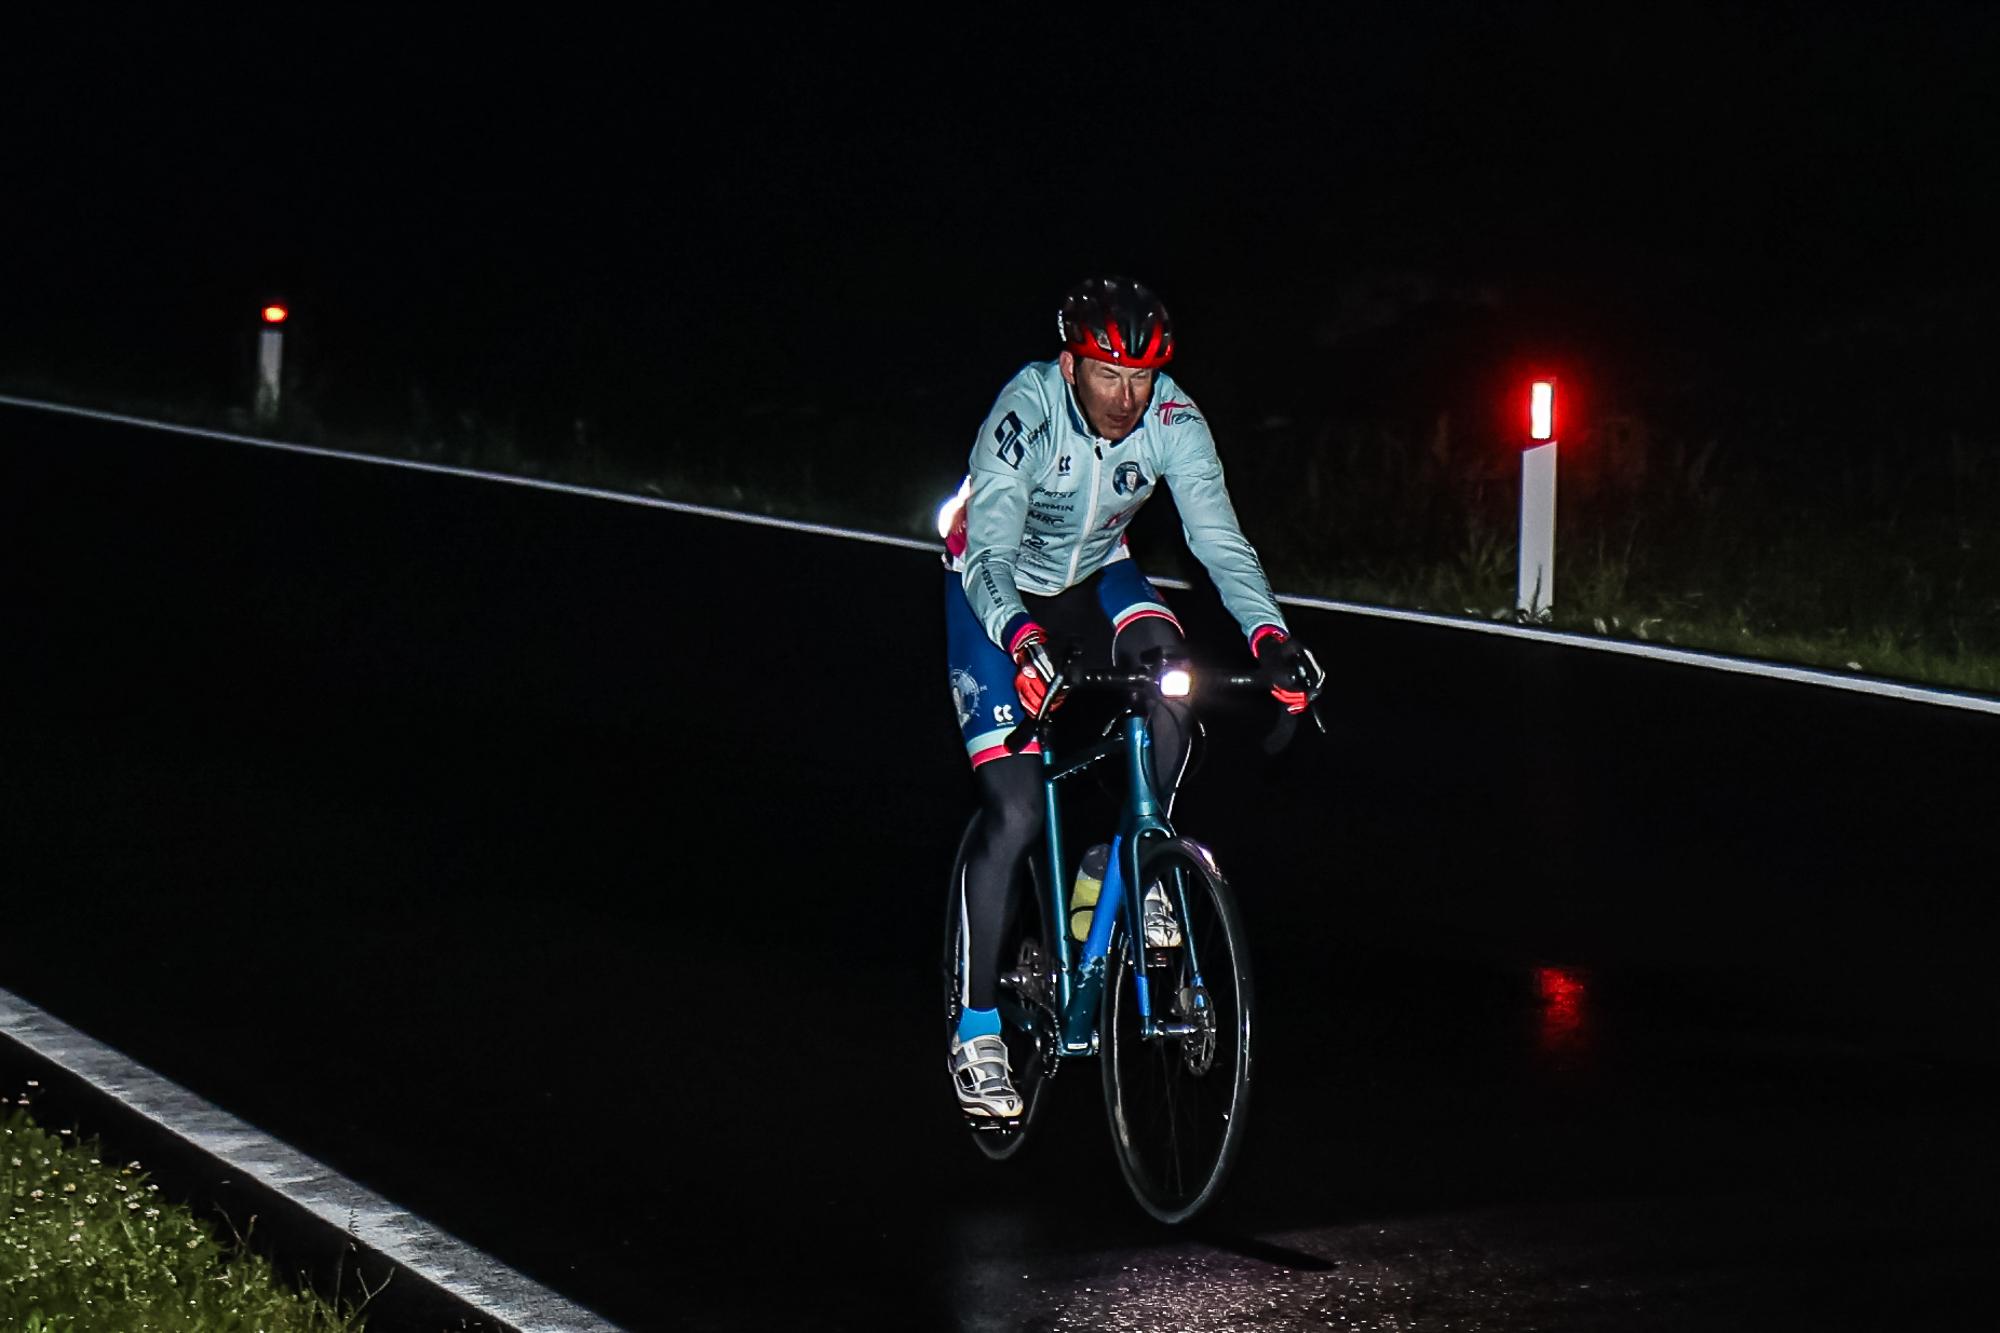 Extremsportler Guido Kunze fährt mit seinem Rennrad nachts auf einem Pass der Sella Ronda